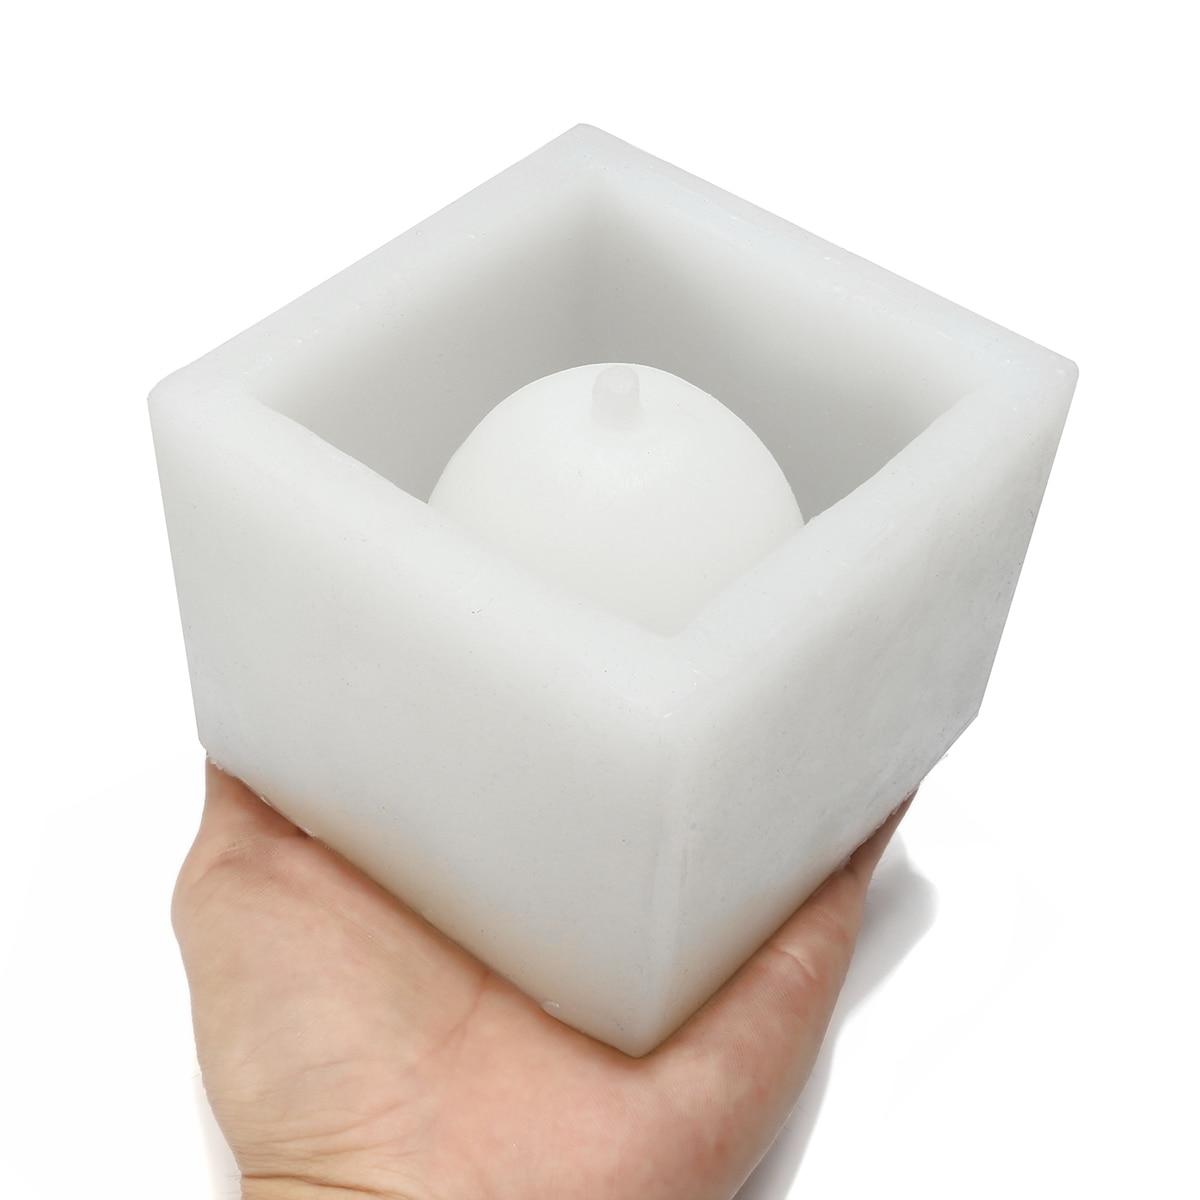 Cube Béton Pot De Fleur Silicone Moule BRICOLAGE Jardin Planteur Vase Moule Outils Artisanat Succulentes Bonsaï De Bureau Décoration Graden